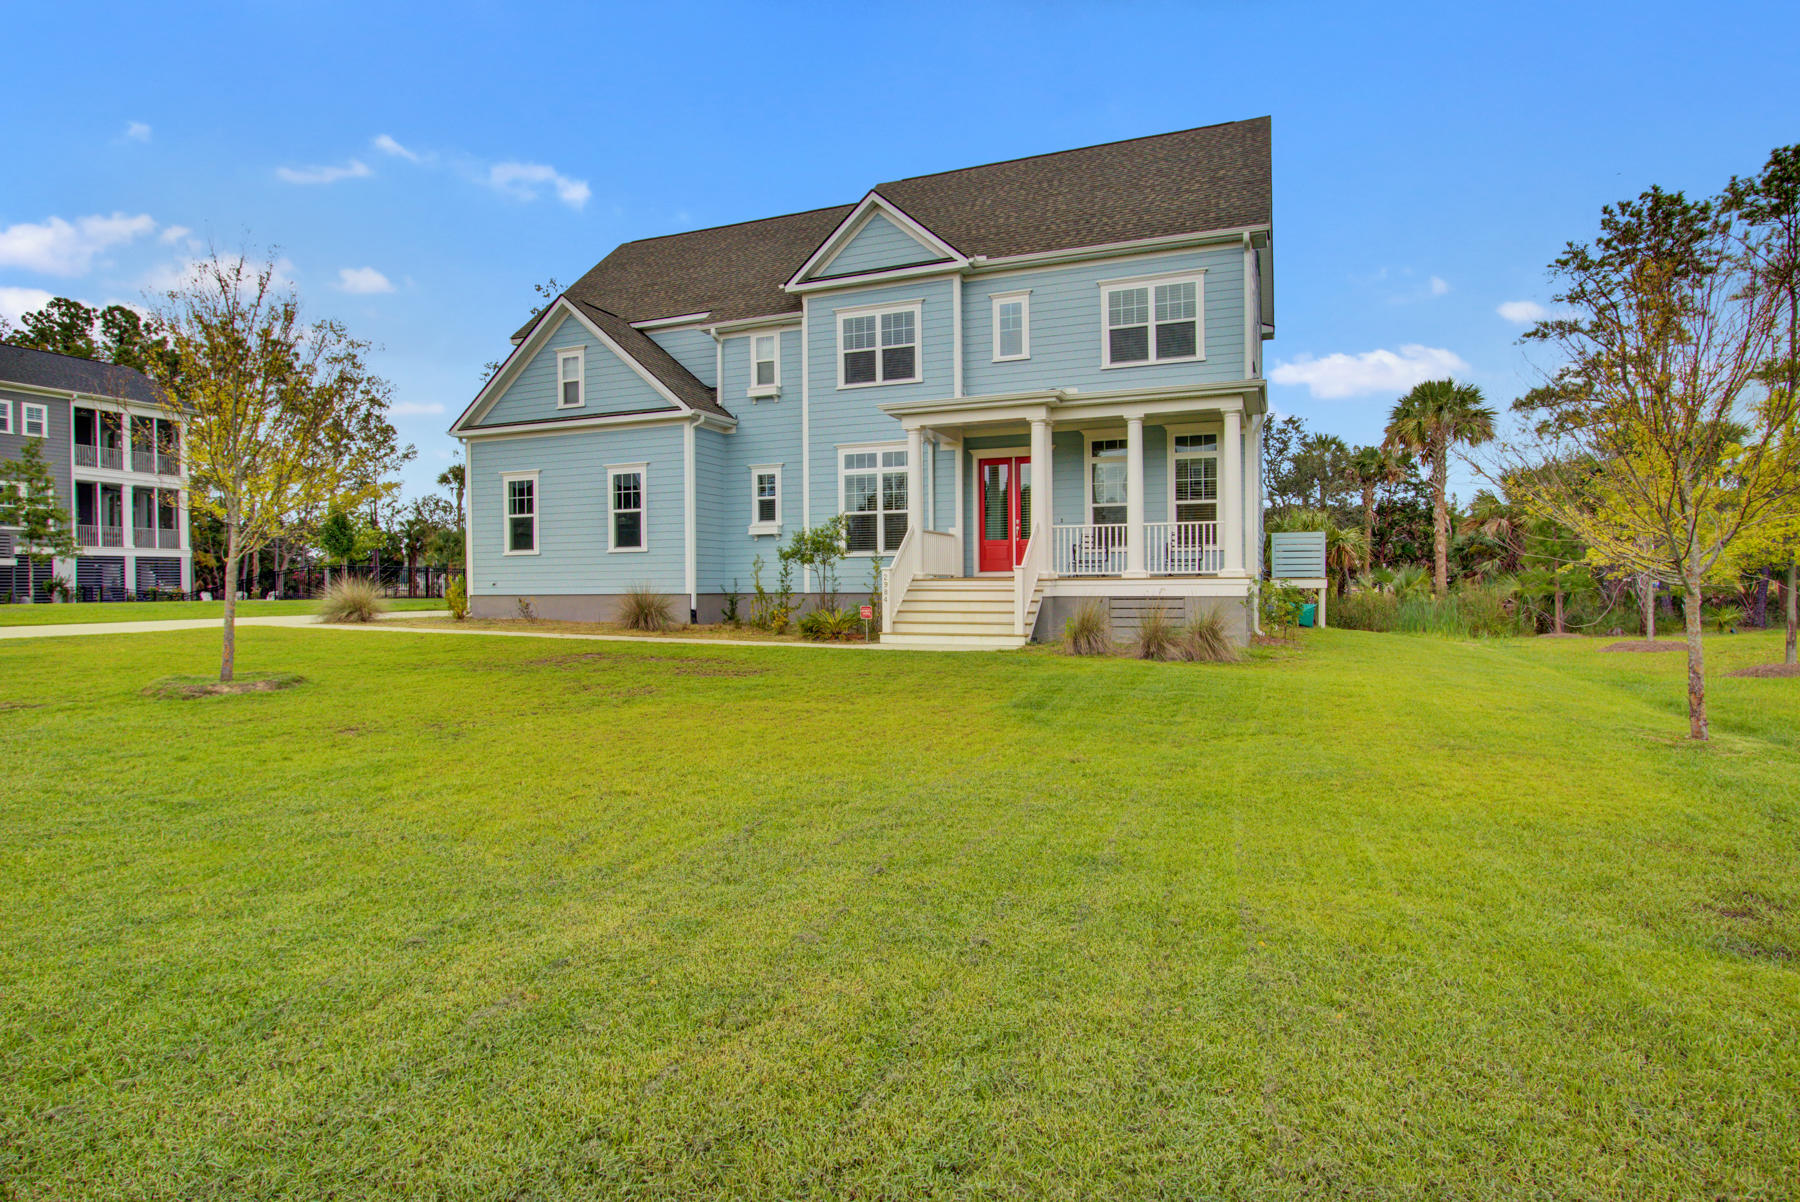 Dunes West Homes For Sale - 2984 Yachtsman, Mount Pleasant, SC - 41